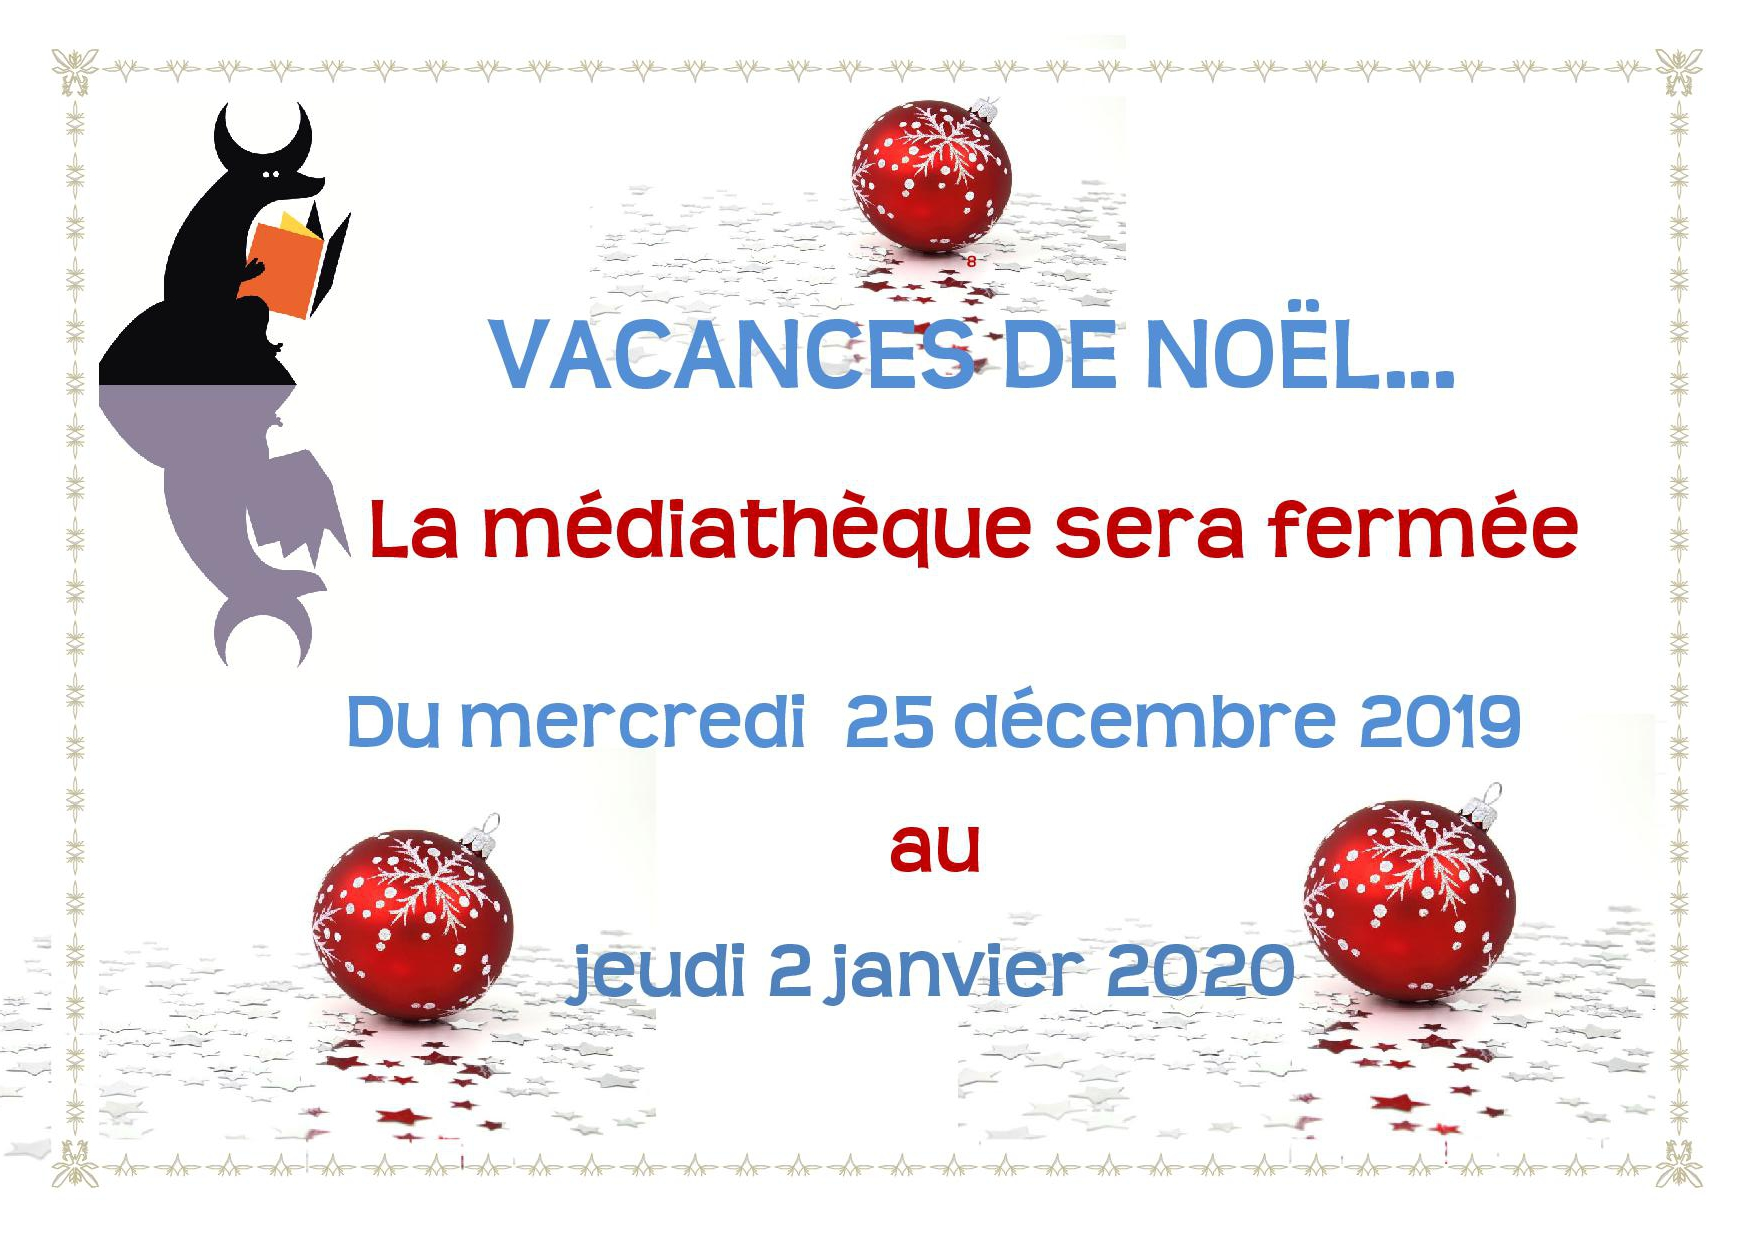 Vacances de Noël : les dates de fermeture de la médiathèque